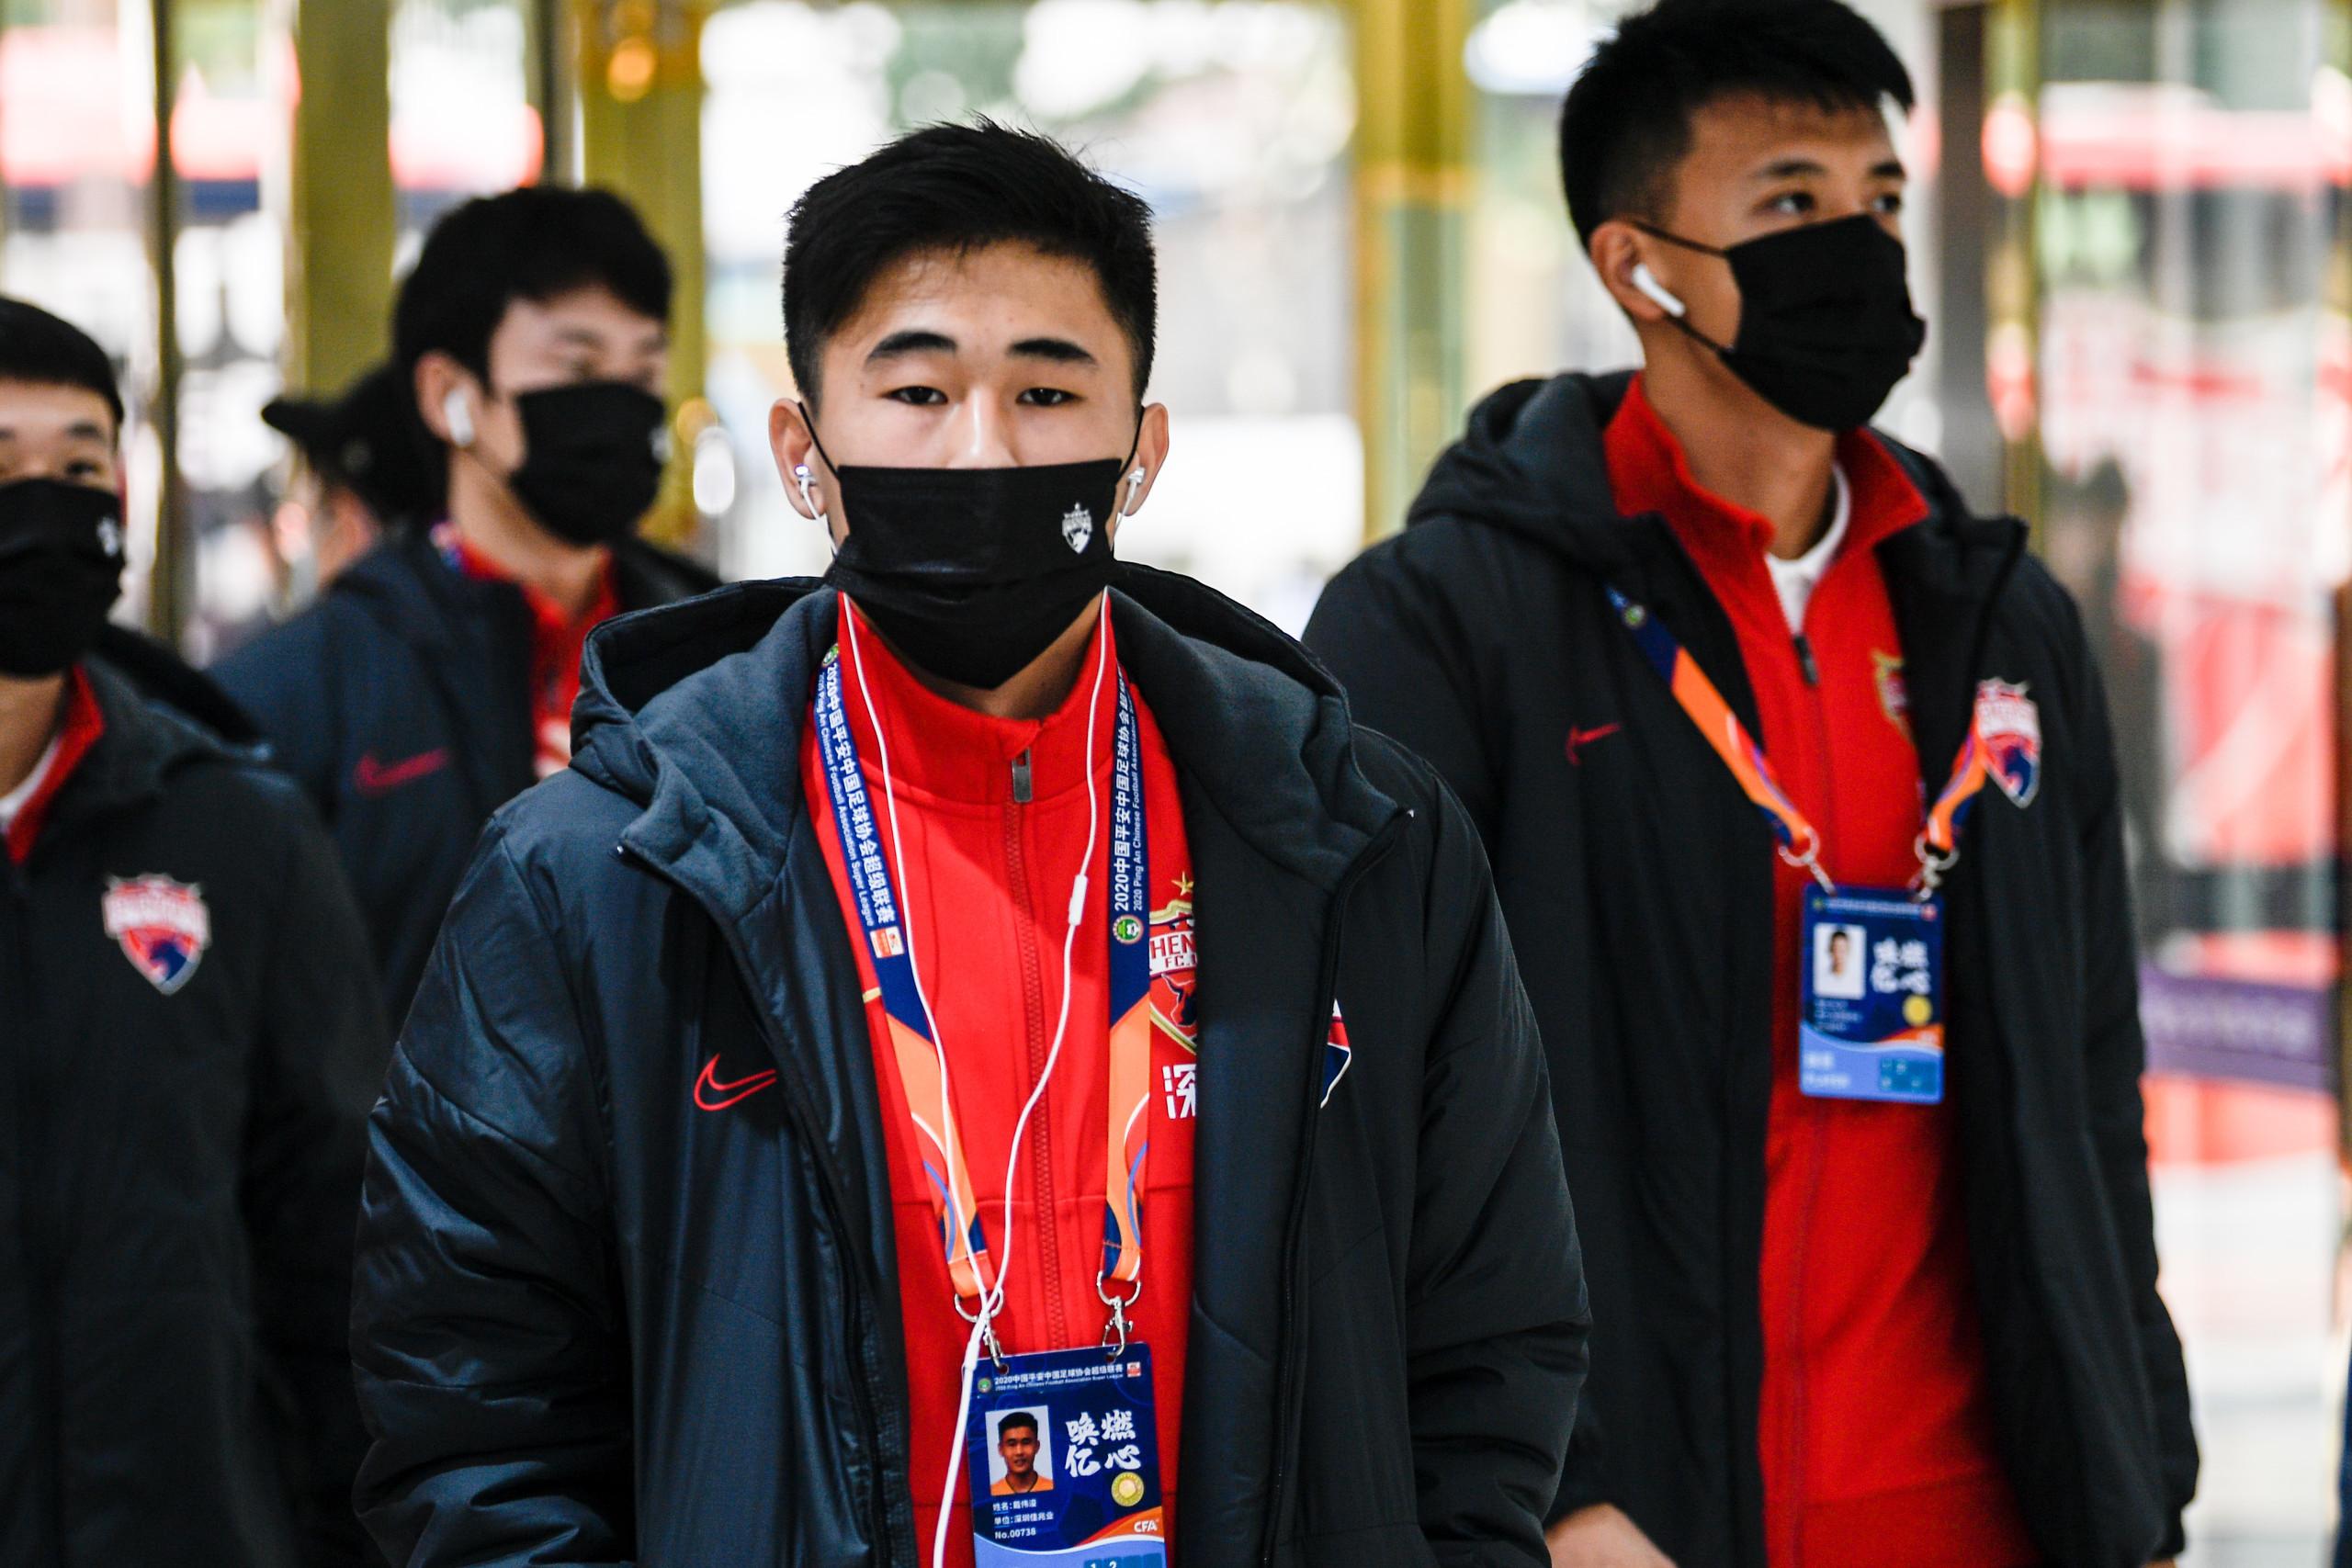 记者:戴伟浚缺战因右脚脚踝伤病,训练亦受伤势影响